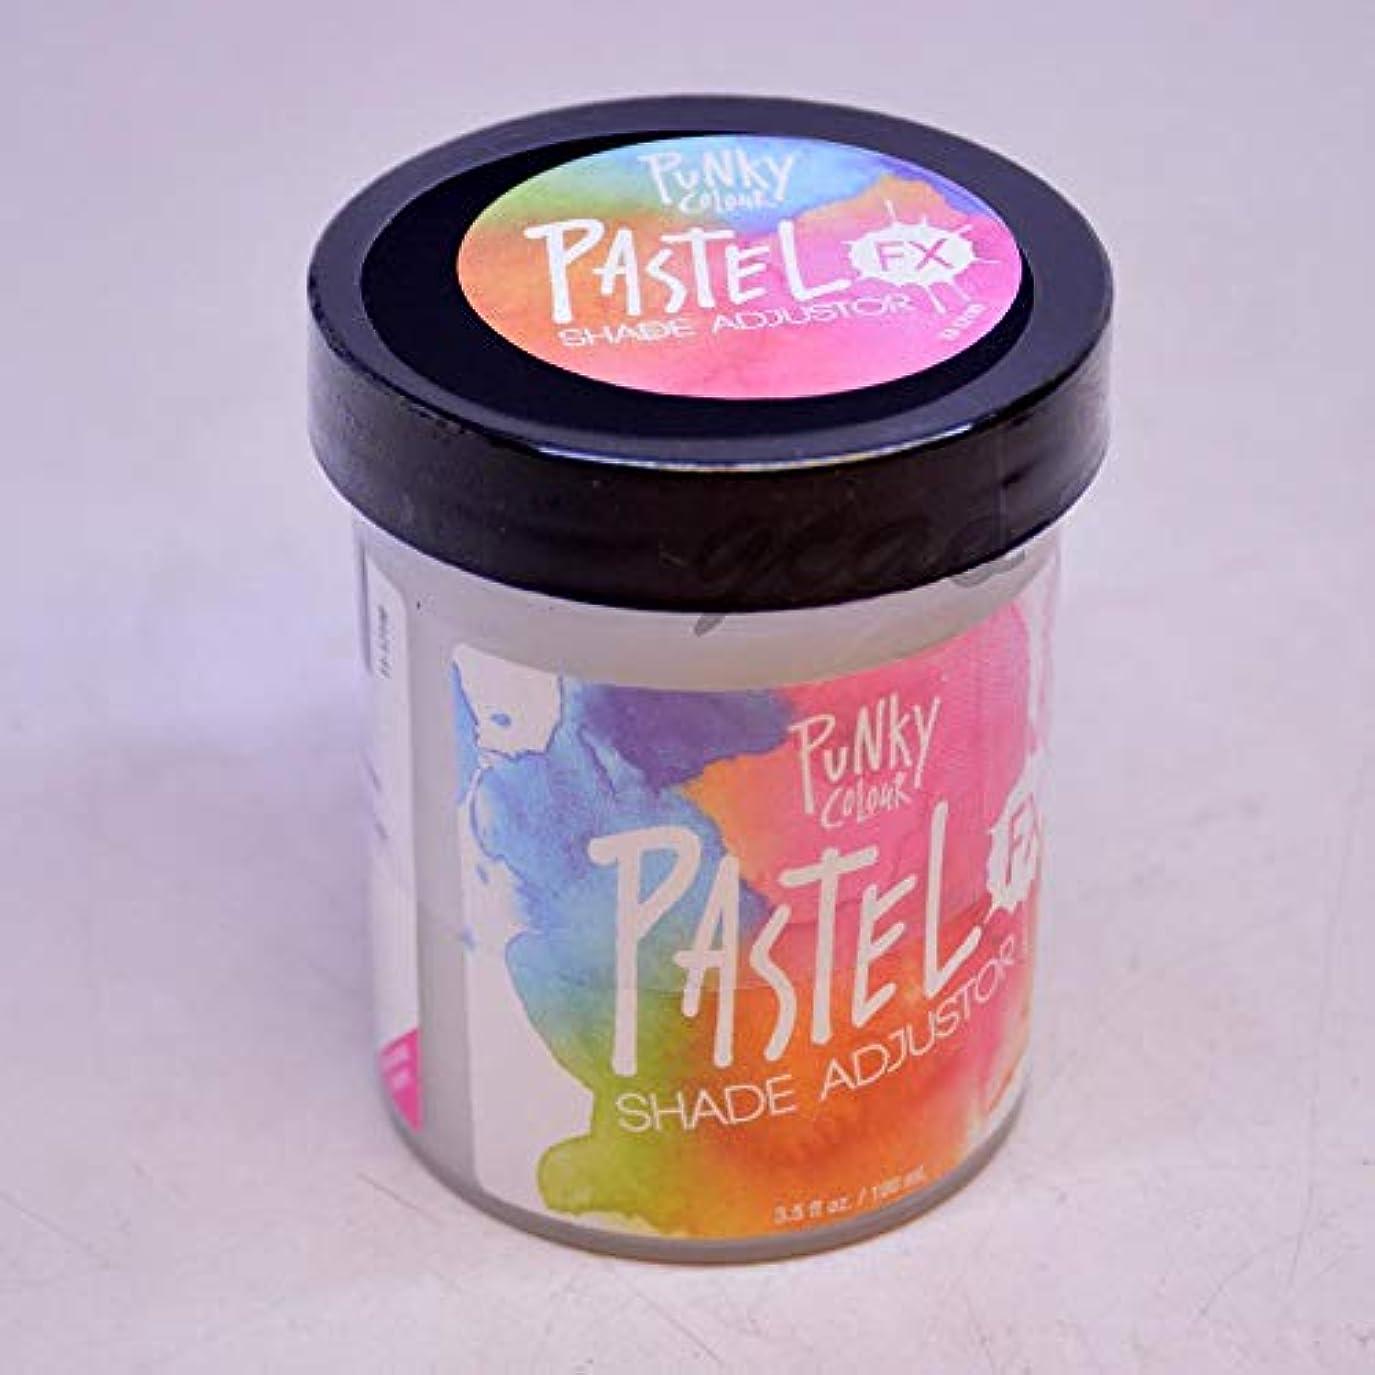 自動化切断するフローJEROME RUSSELL Punky Color Semi-Permanent Conditioning Hair Color - Pastel FX Shade Adjuster (並行輸入品)